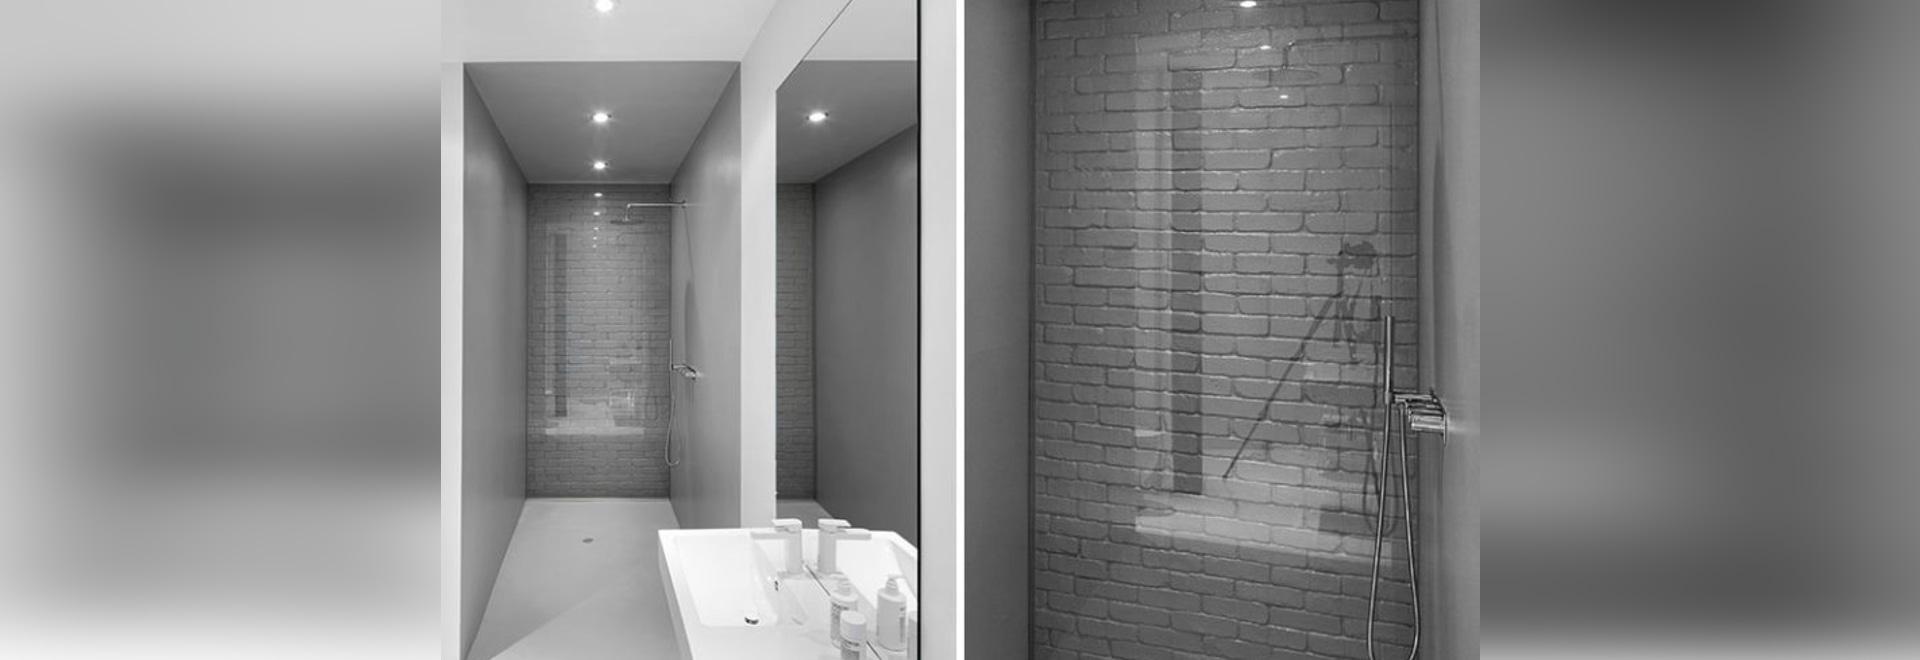 Idea del diseño del cuarto de baño – utilice de cristal para cubrir ...